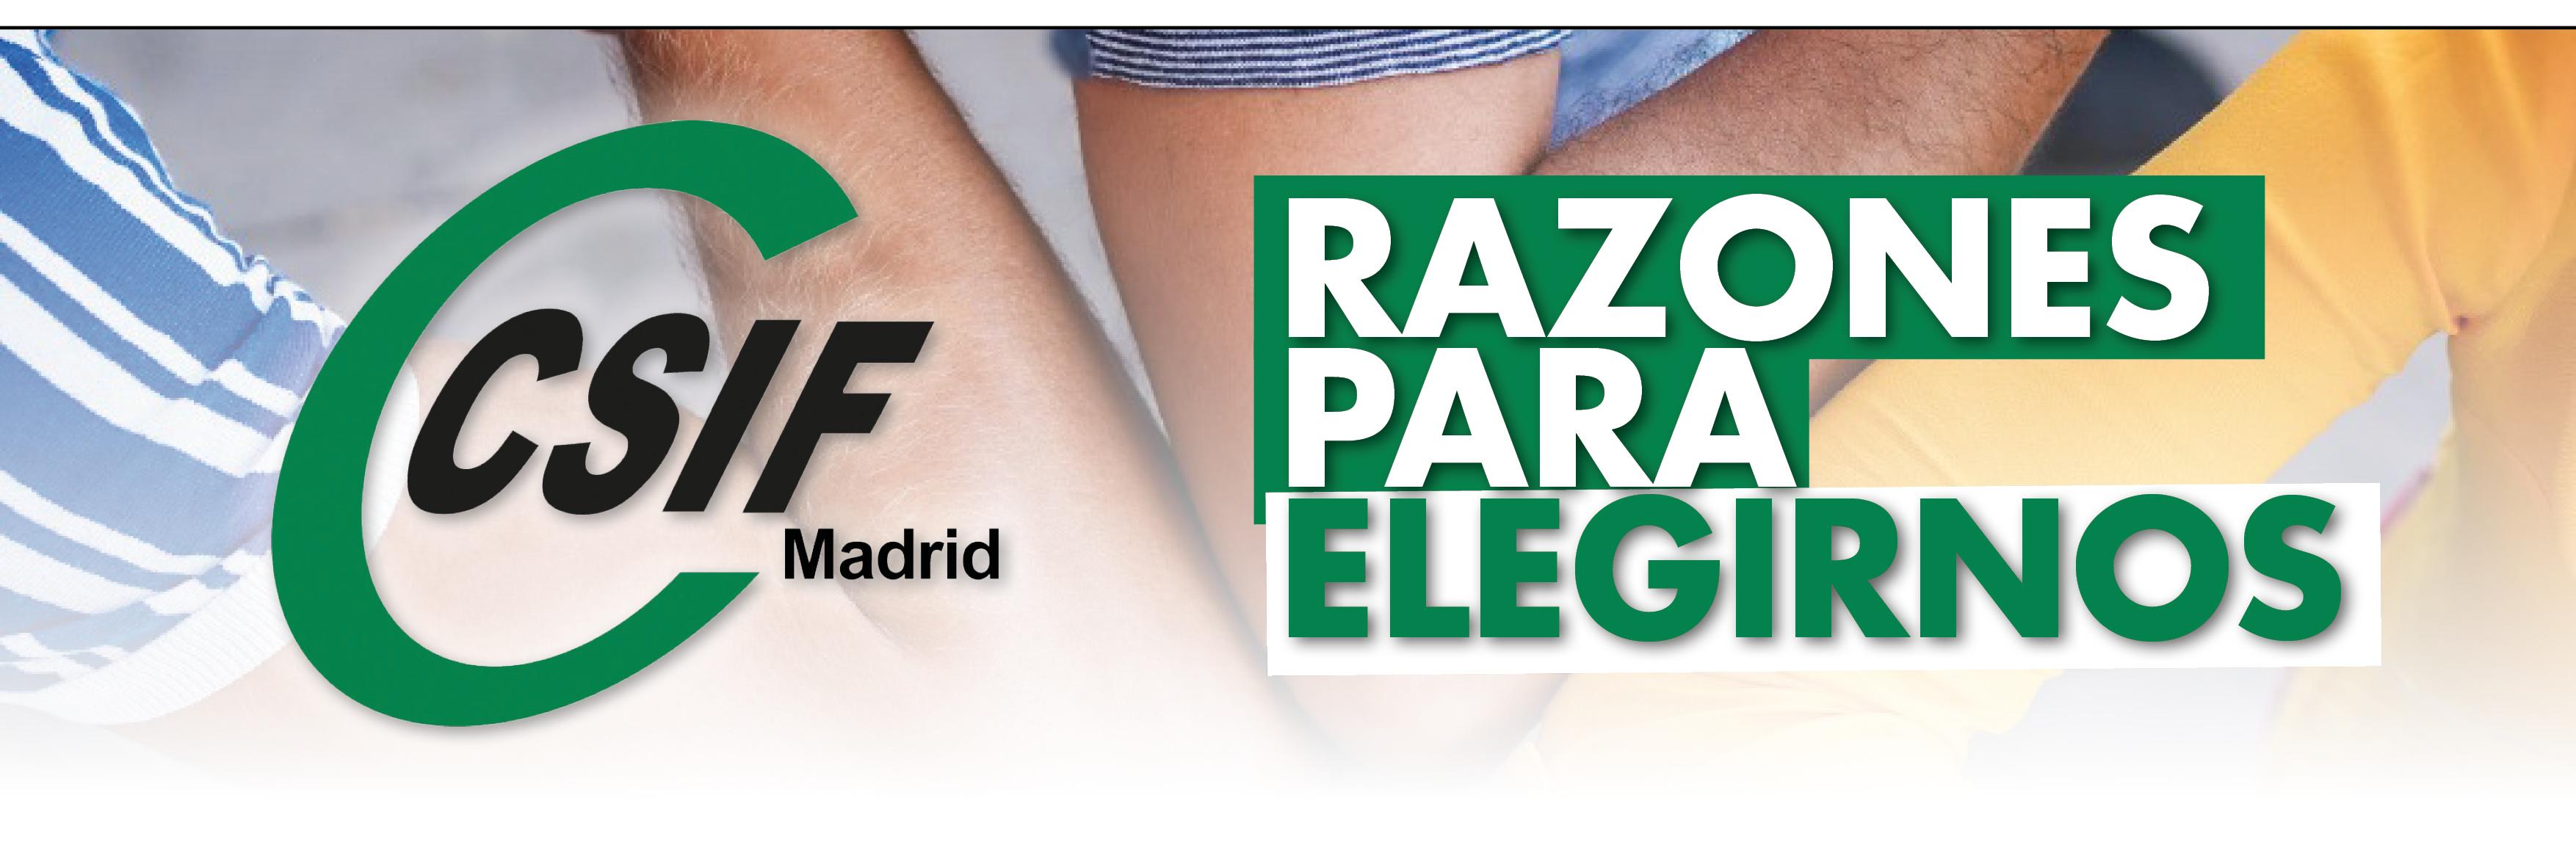 Razones para elegir CSIF Madrid